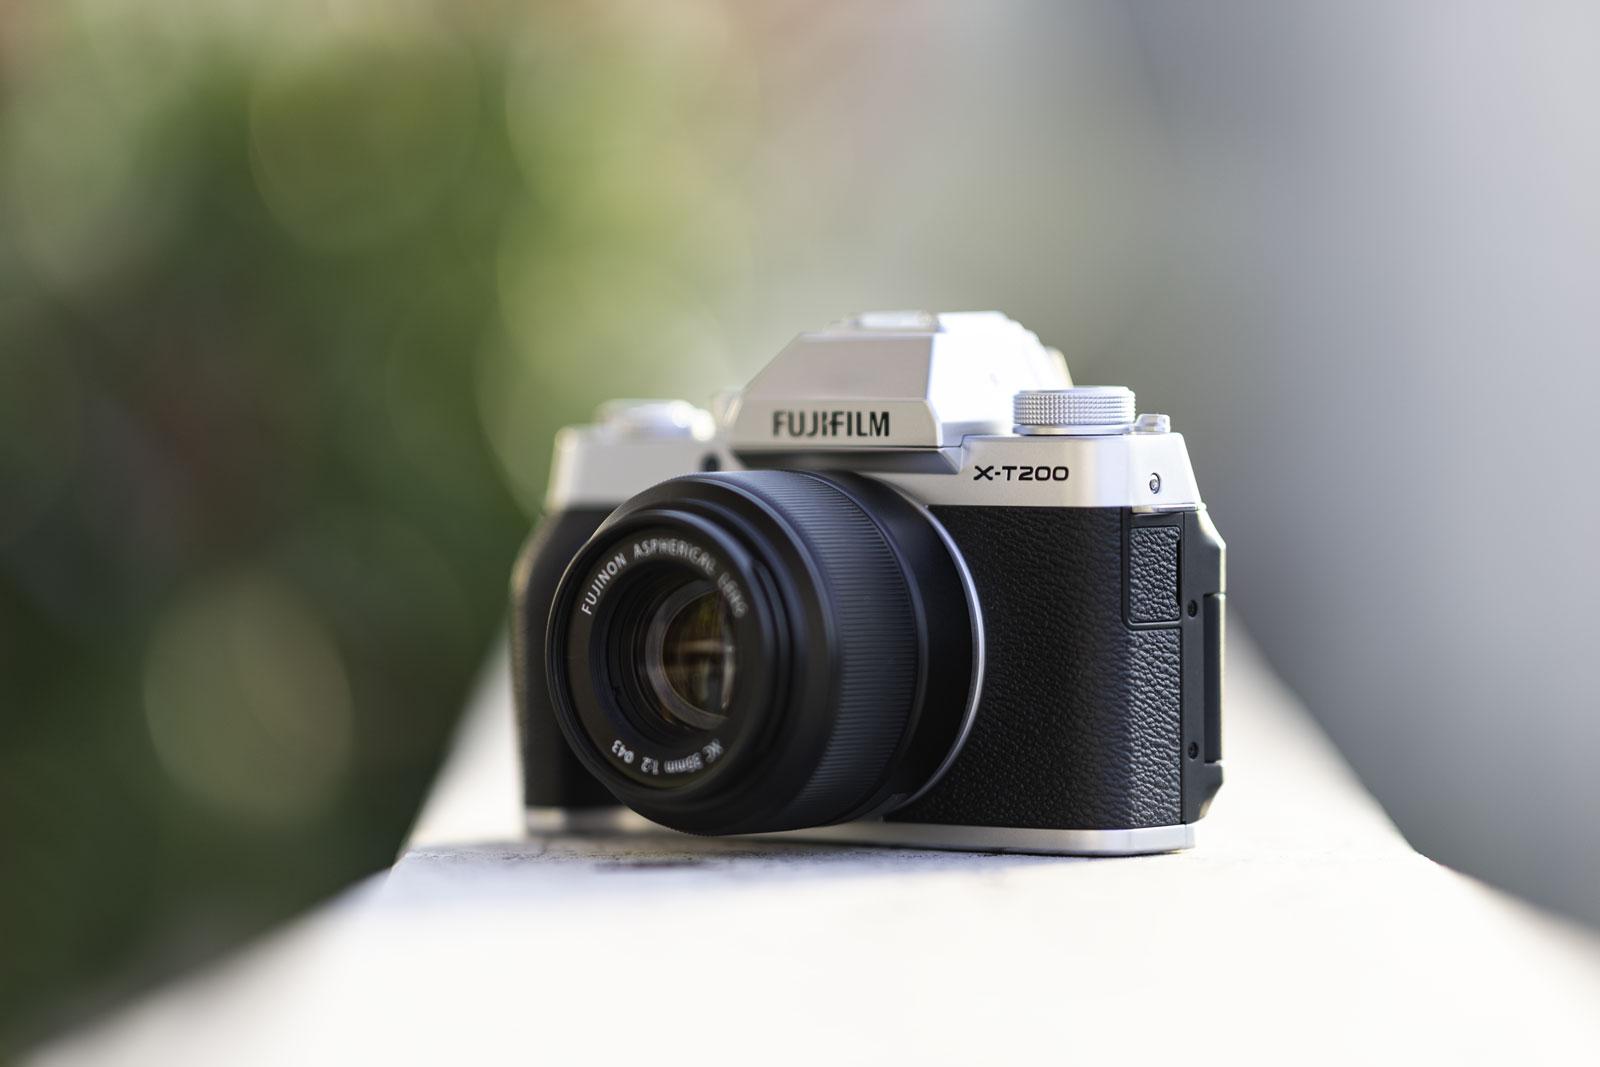 Fujifilm X-T200 recensione: la piccola che sogna in grande thumbnail